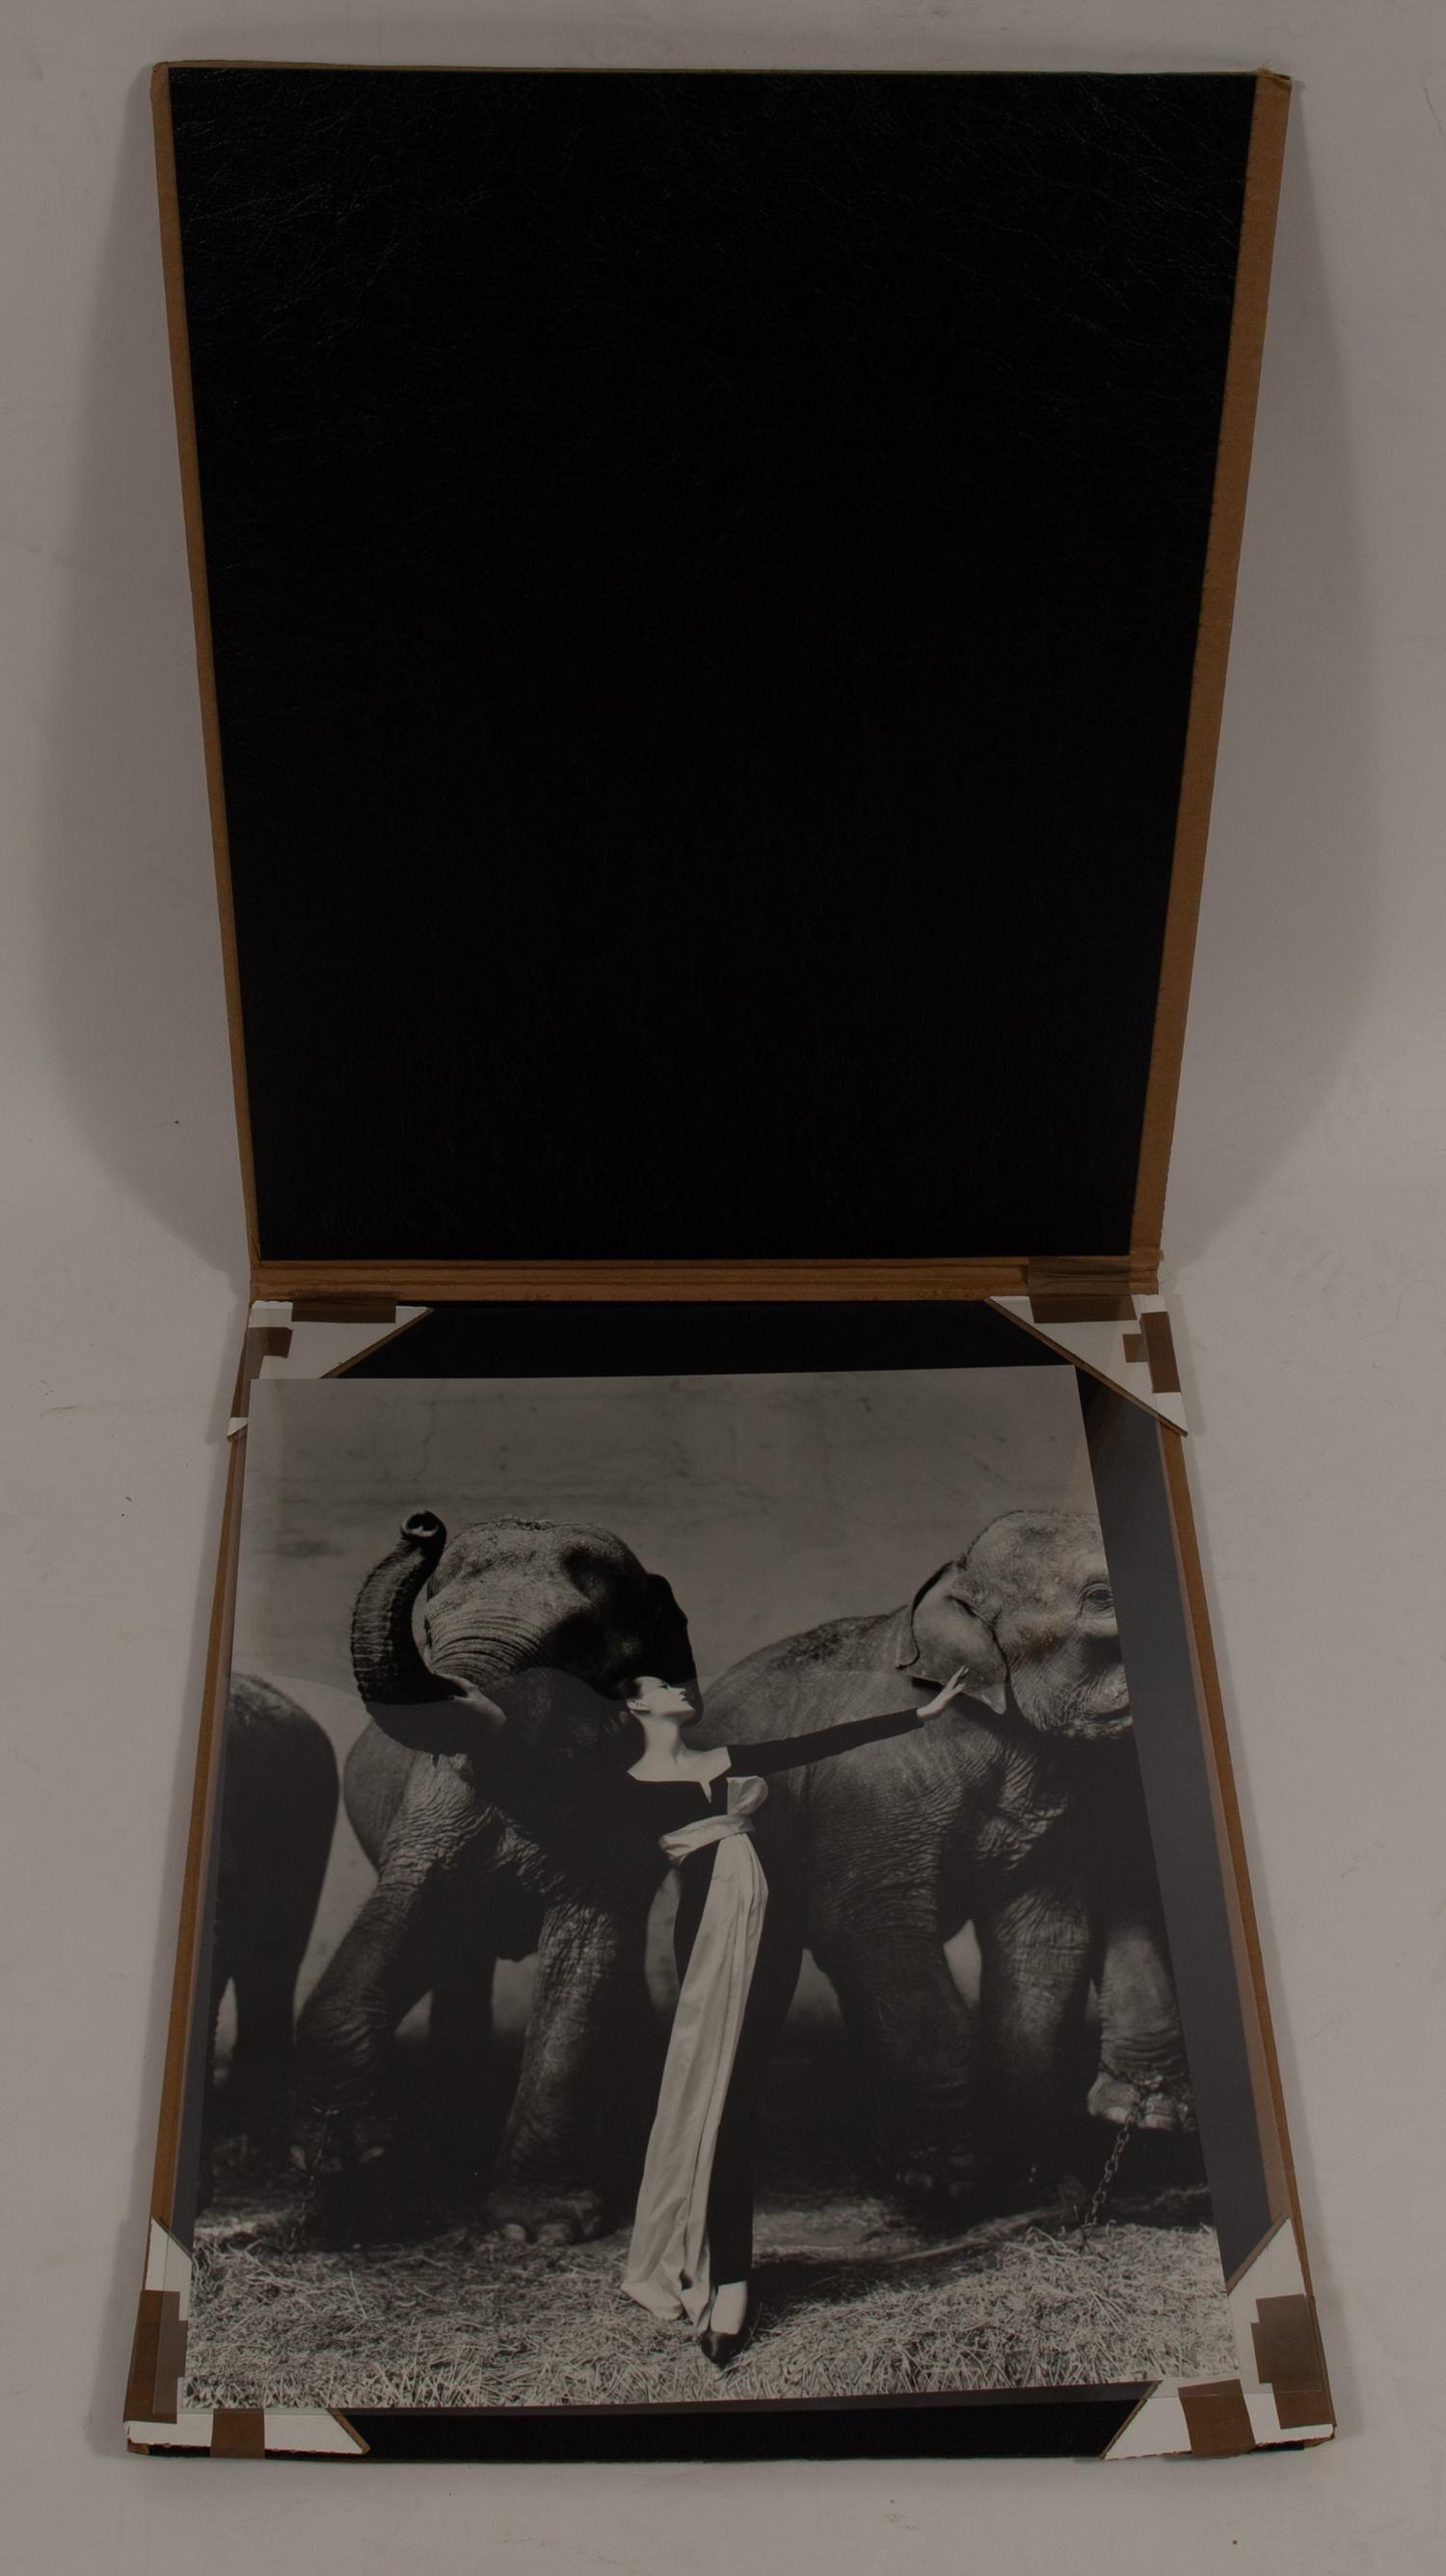 Richard Avedon Dovima with Elephants